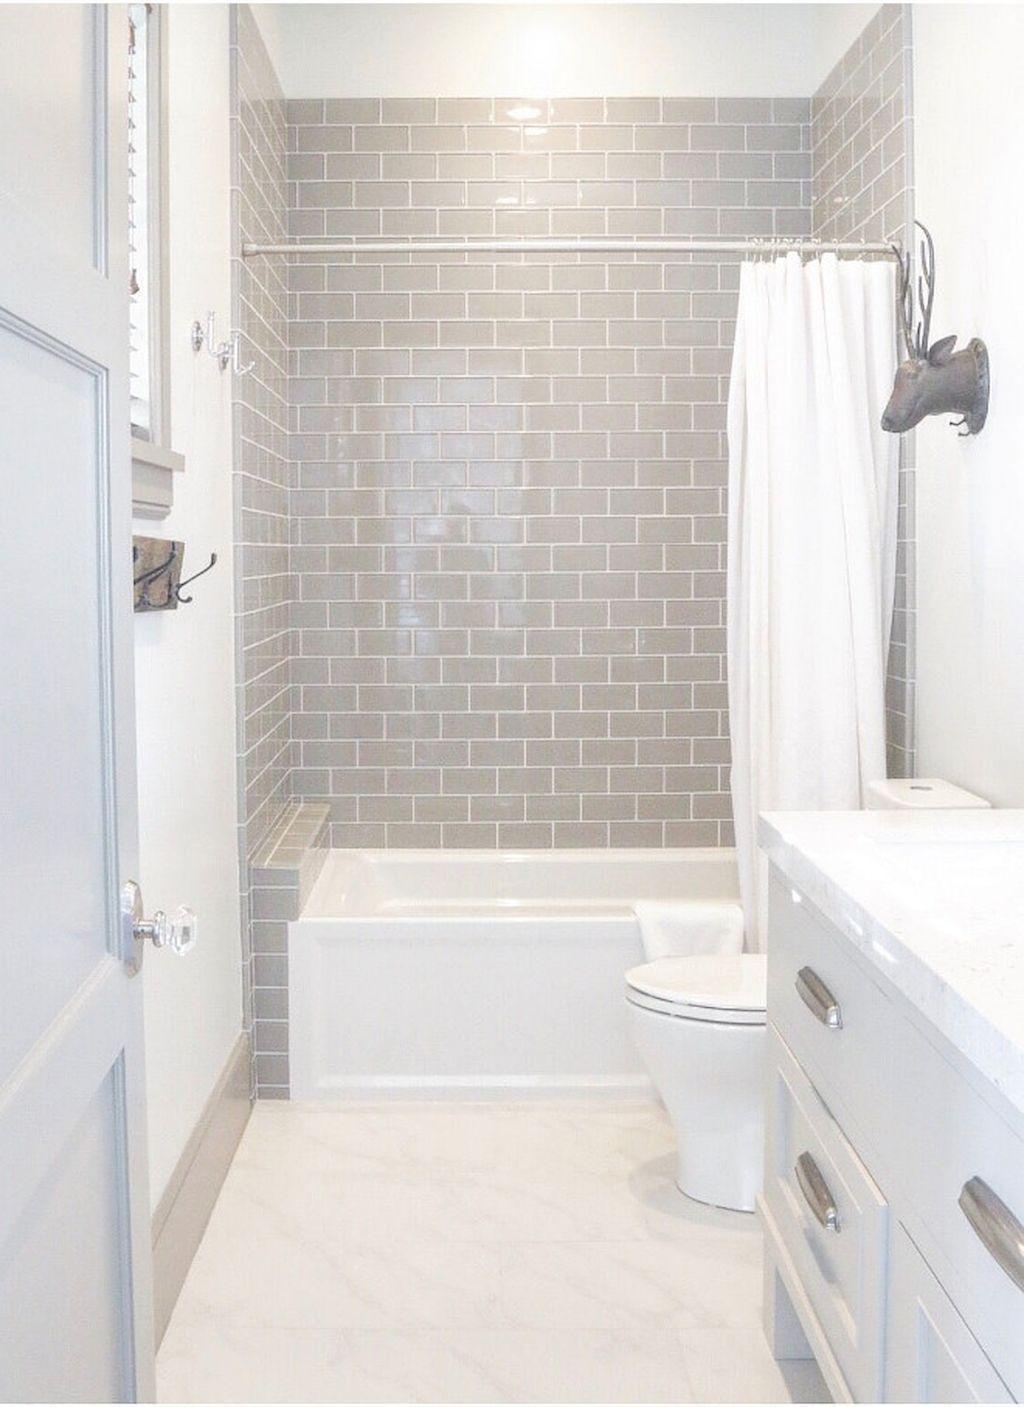 Small Bathroom Remodel With Bathtub Ideas 56 Bathroom Remodel